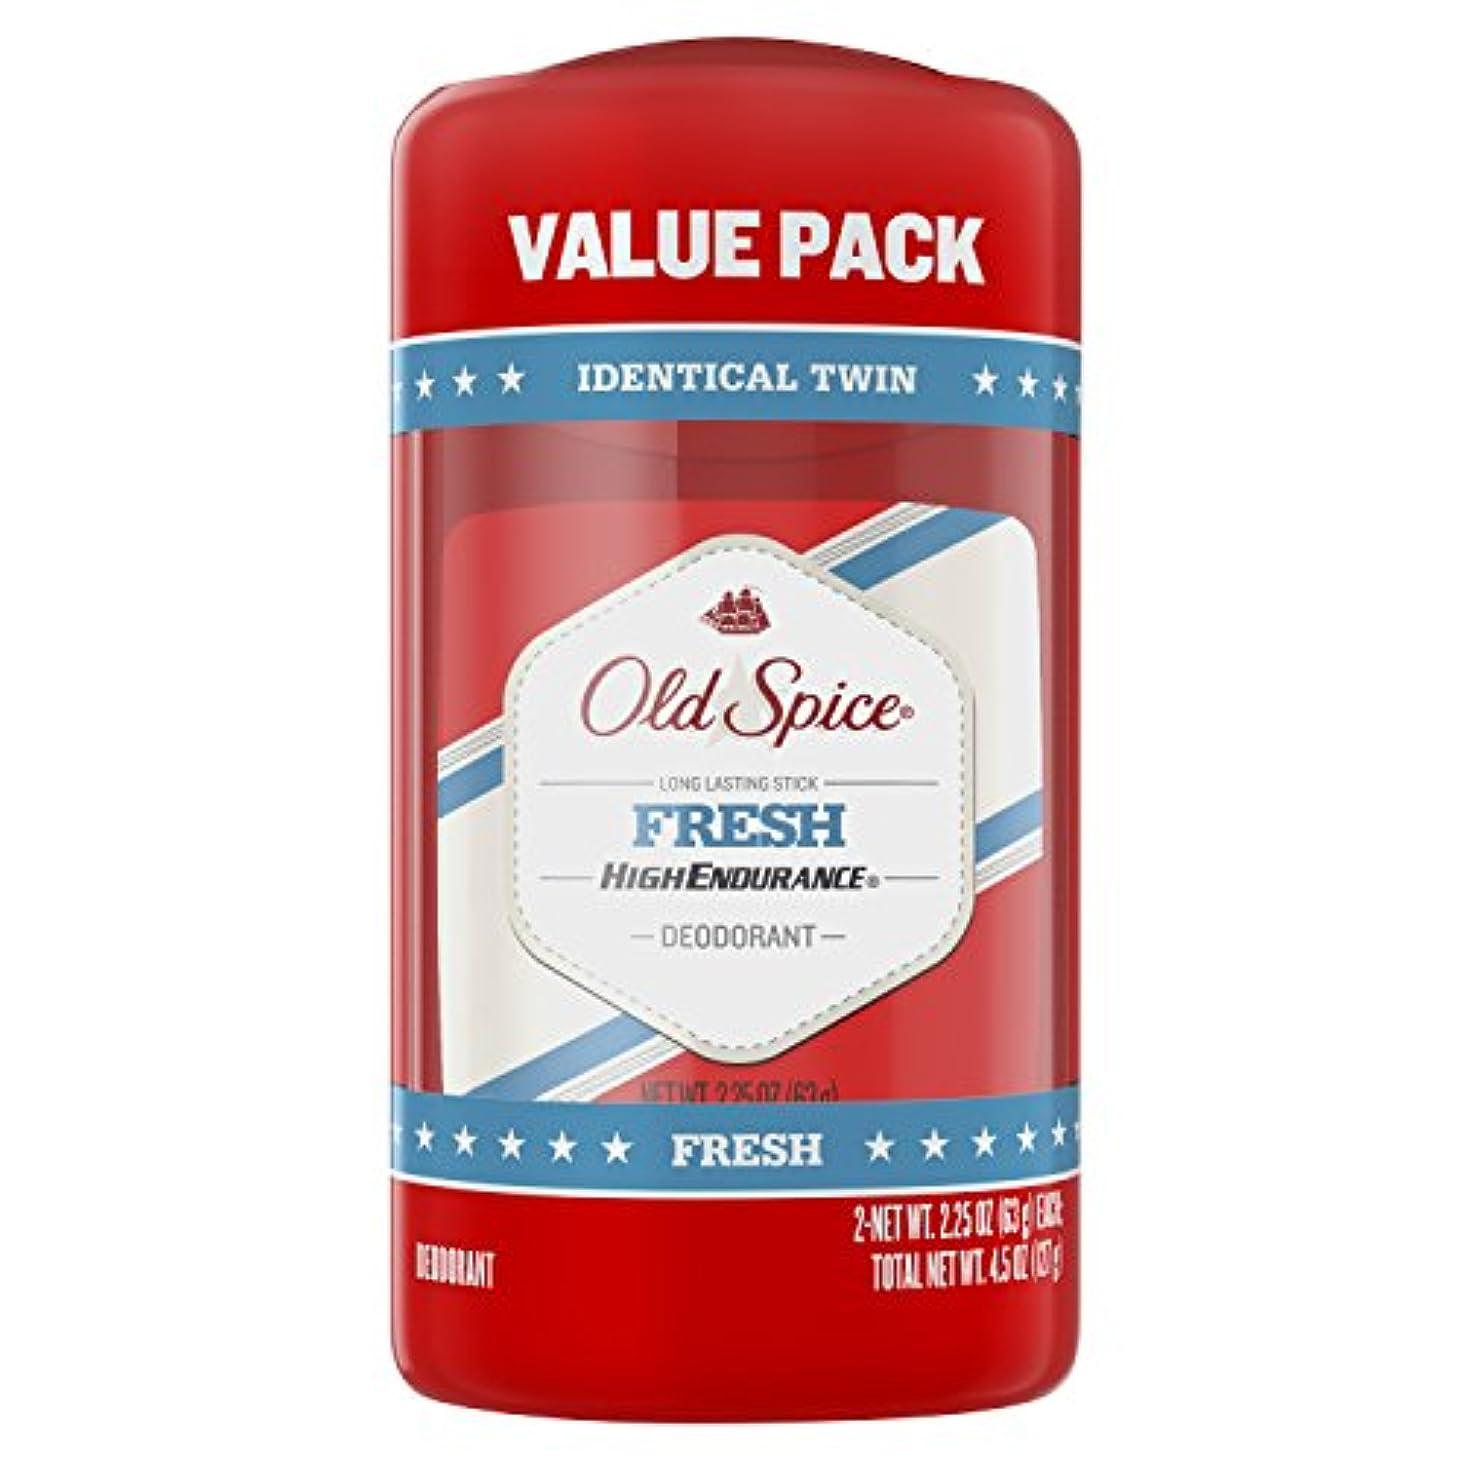 荒れ地封筒グレードオールドスパイス Old Spice ハイエンデュランス フレッシュ デオドラント スティック 男性用 63g 2個セット[平行輸入品]